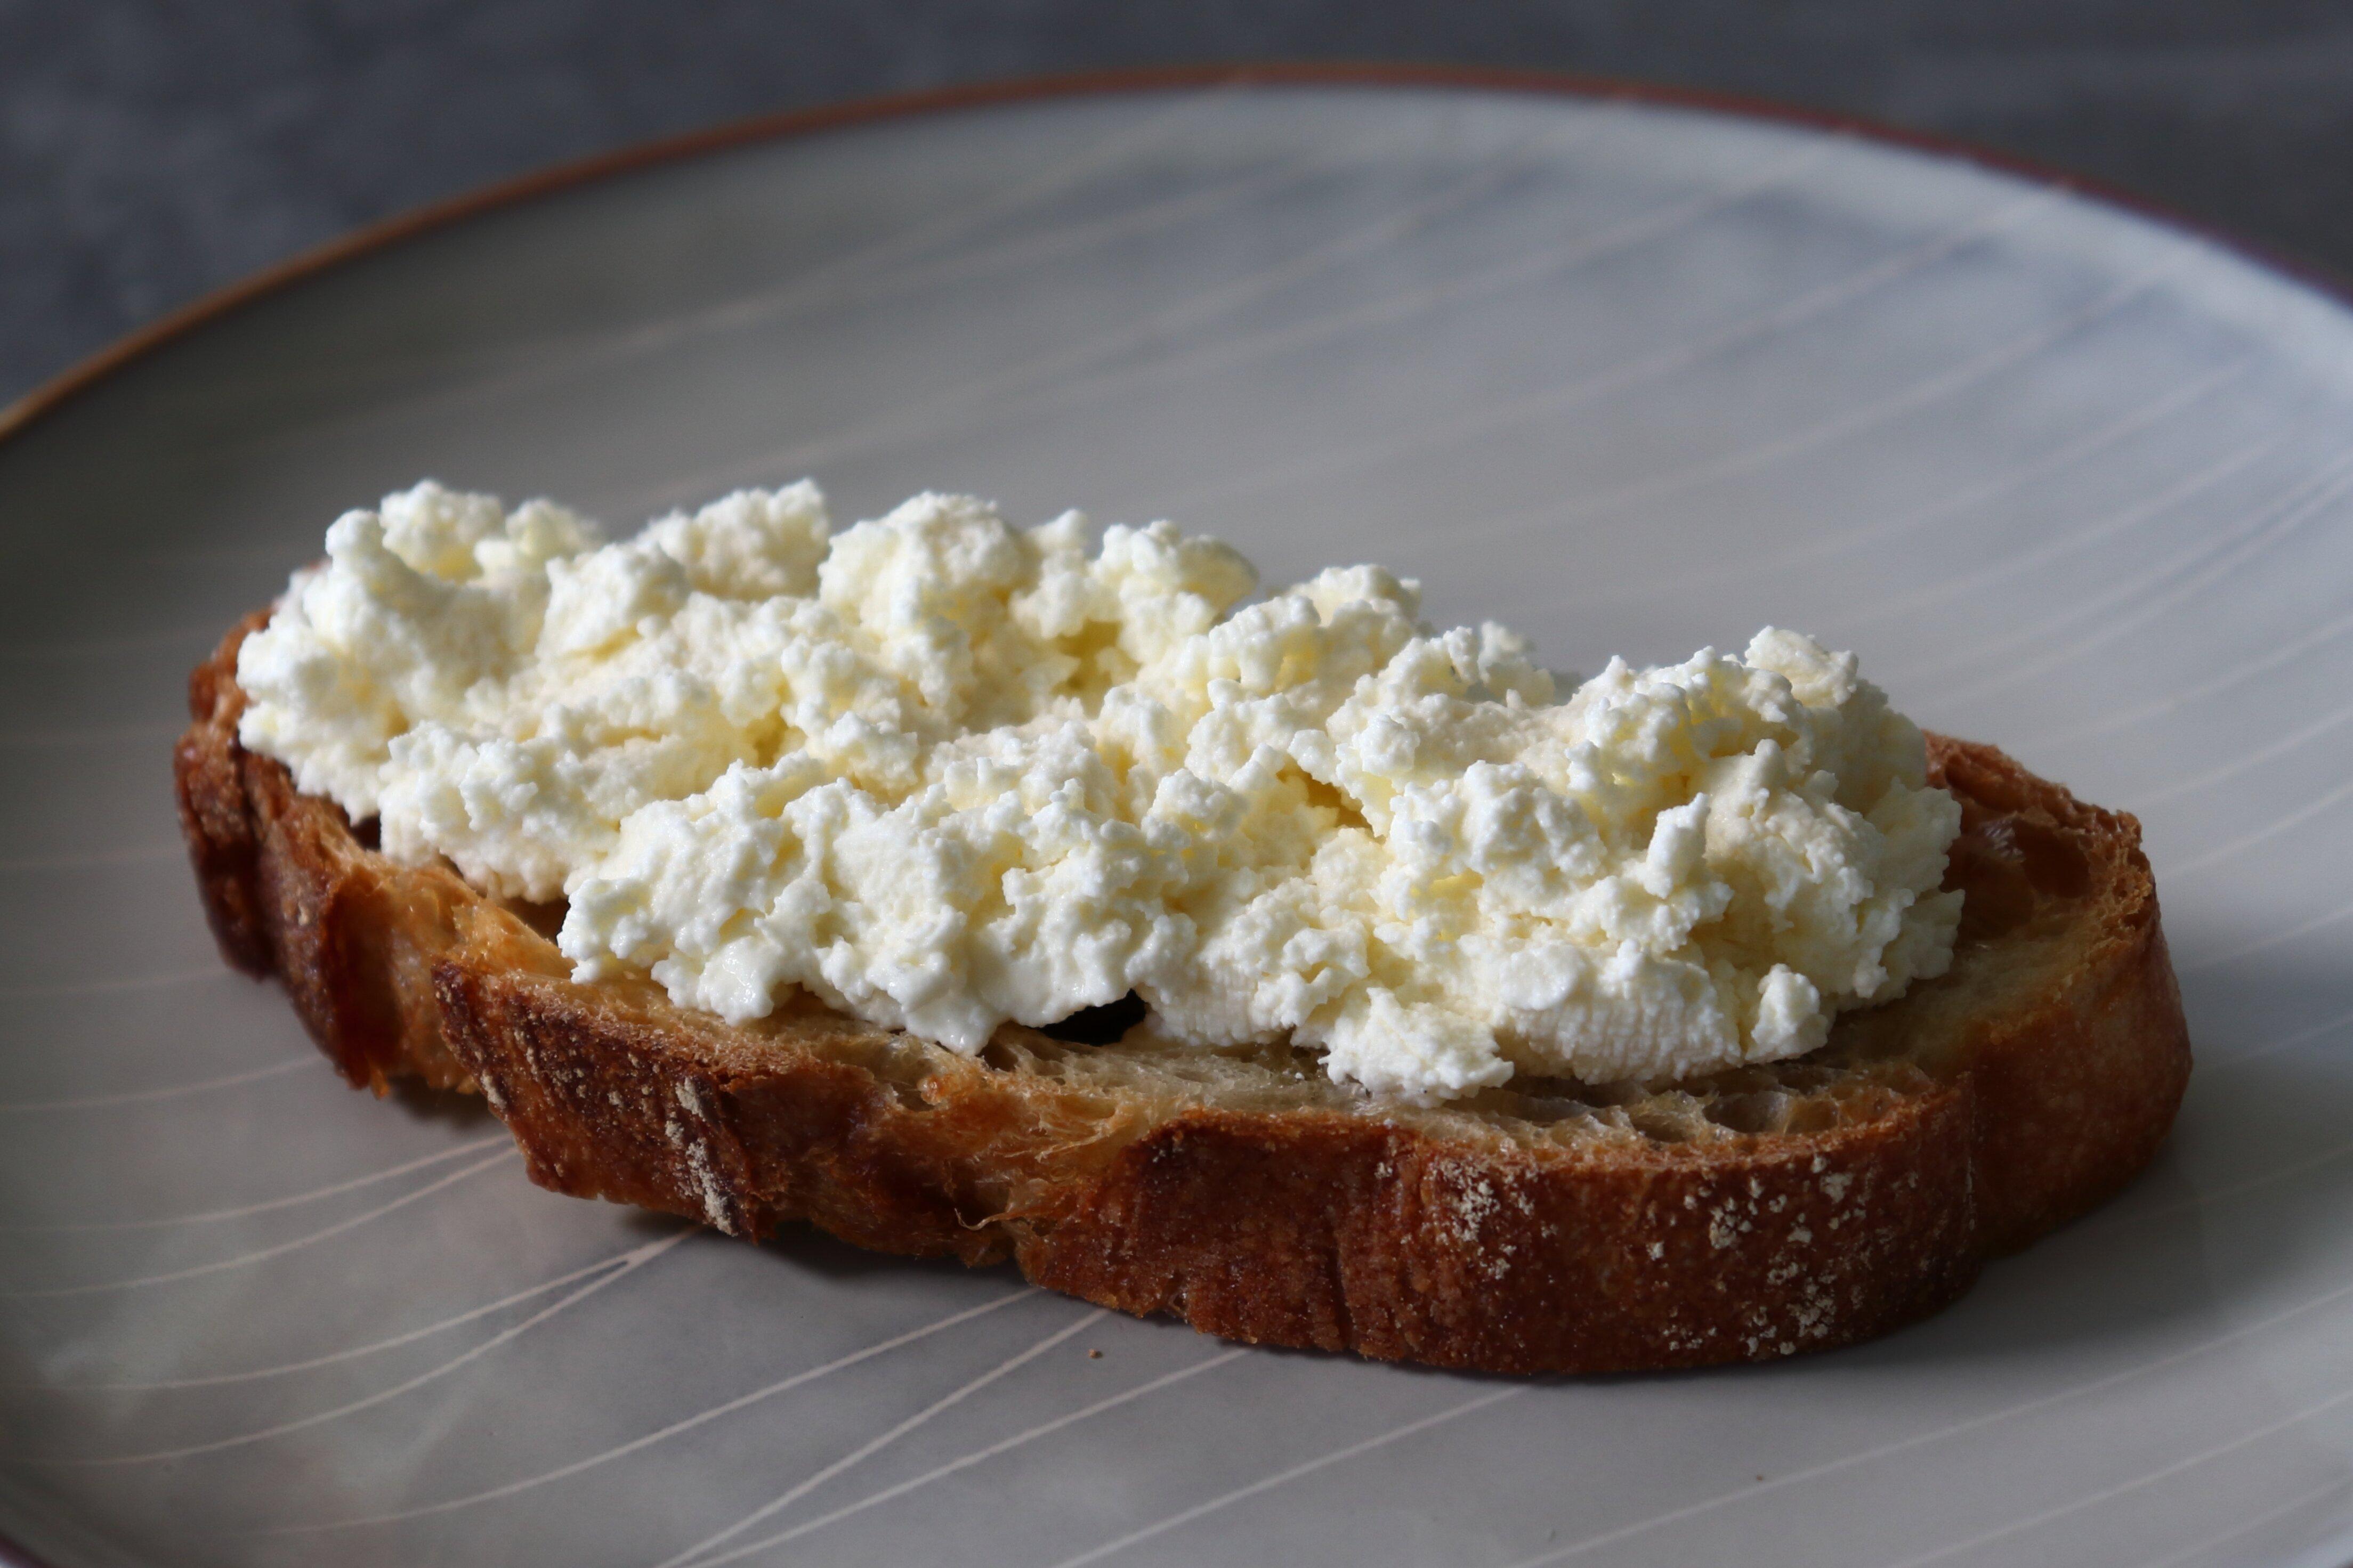 chef johns homemade ricotta cheese